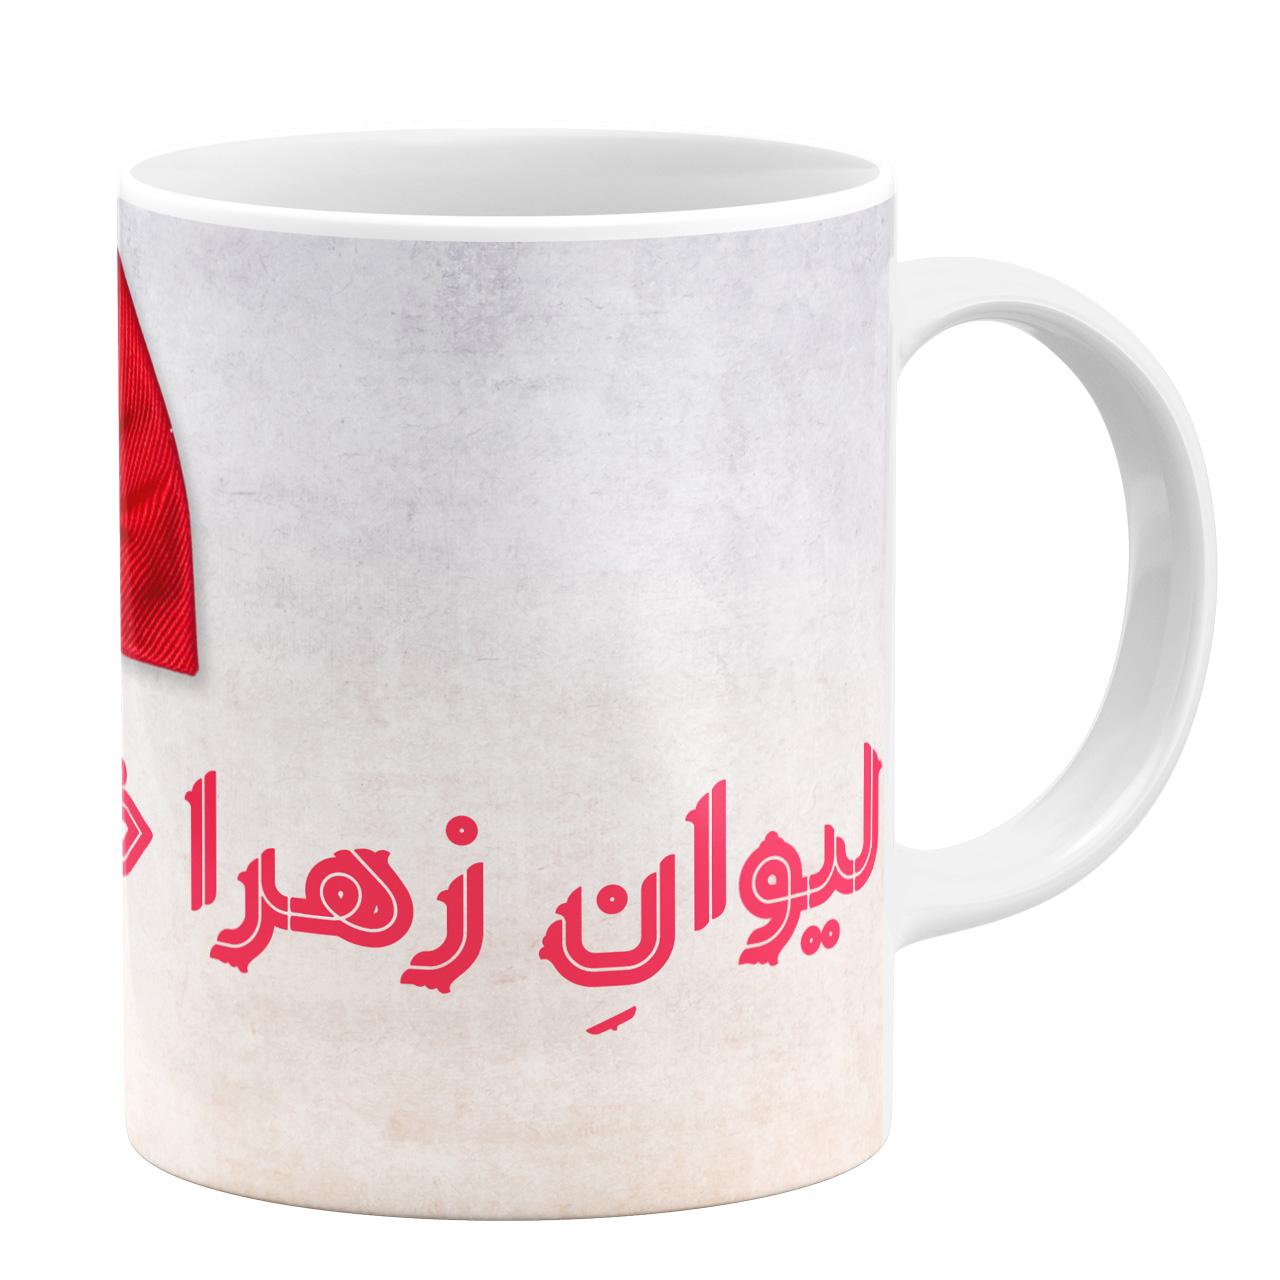 عکس ماگ طرح لیوان زهرا خانم کد 11054094196